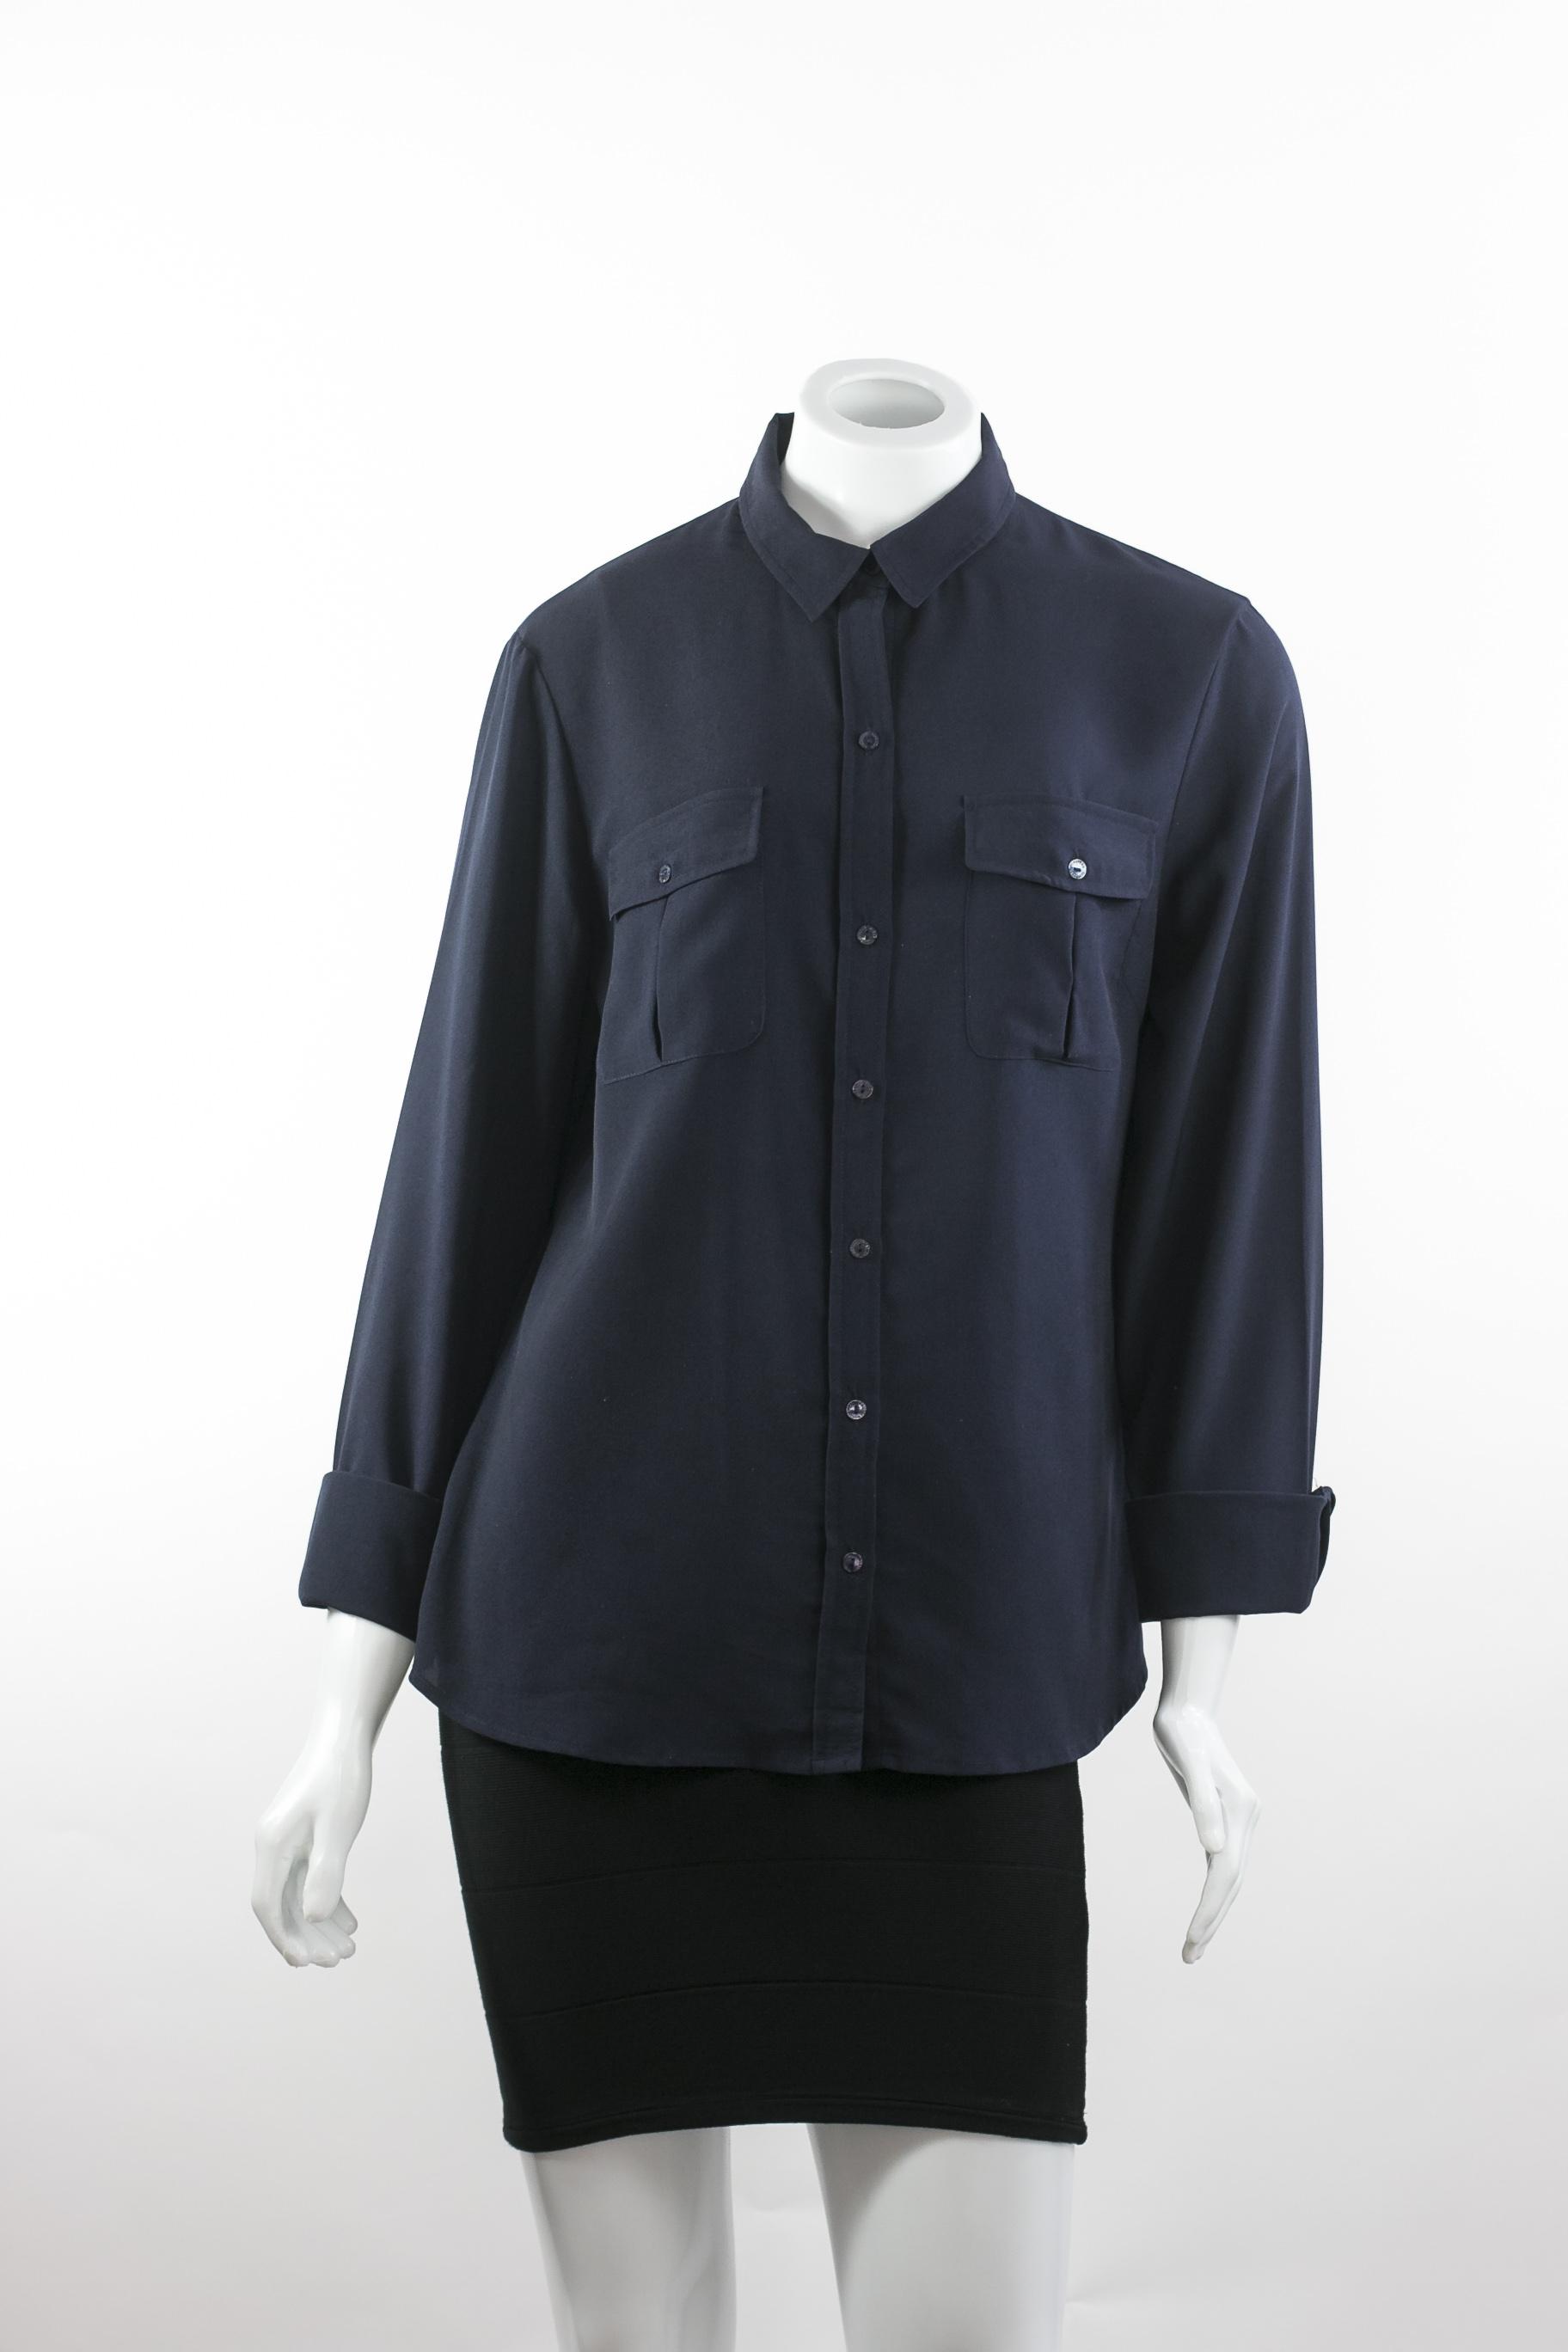 7cf8cc95ed SIBERIAN - Camisa azul - Brechó Agora é Meu!